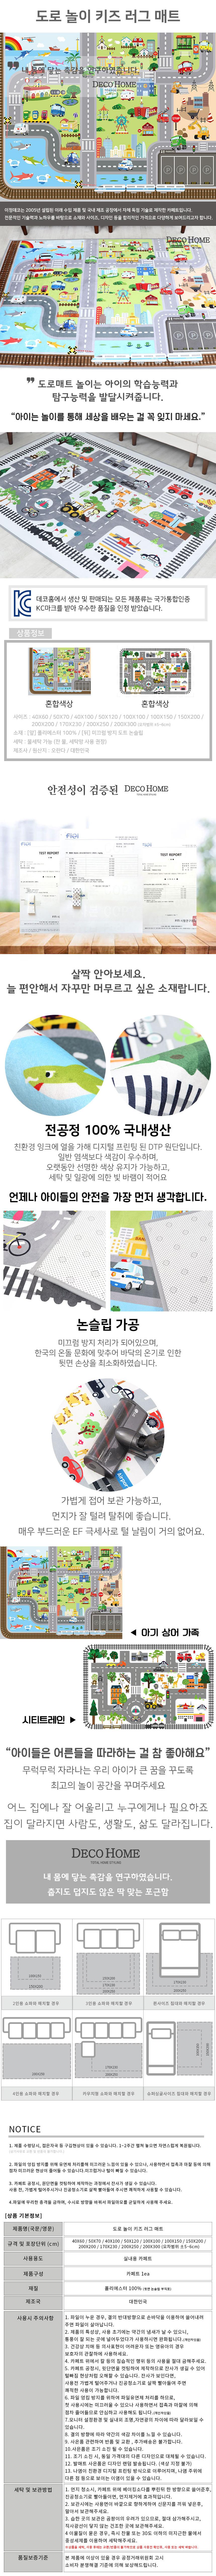 데코홈 러그 키즈 어린이매트 시티트레인 / 150x200 - 서울리빙, 62,900원, 디자인러그, 극세사 카페트